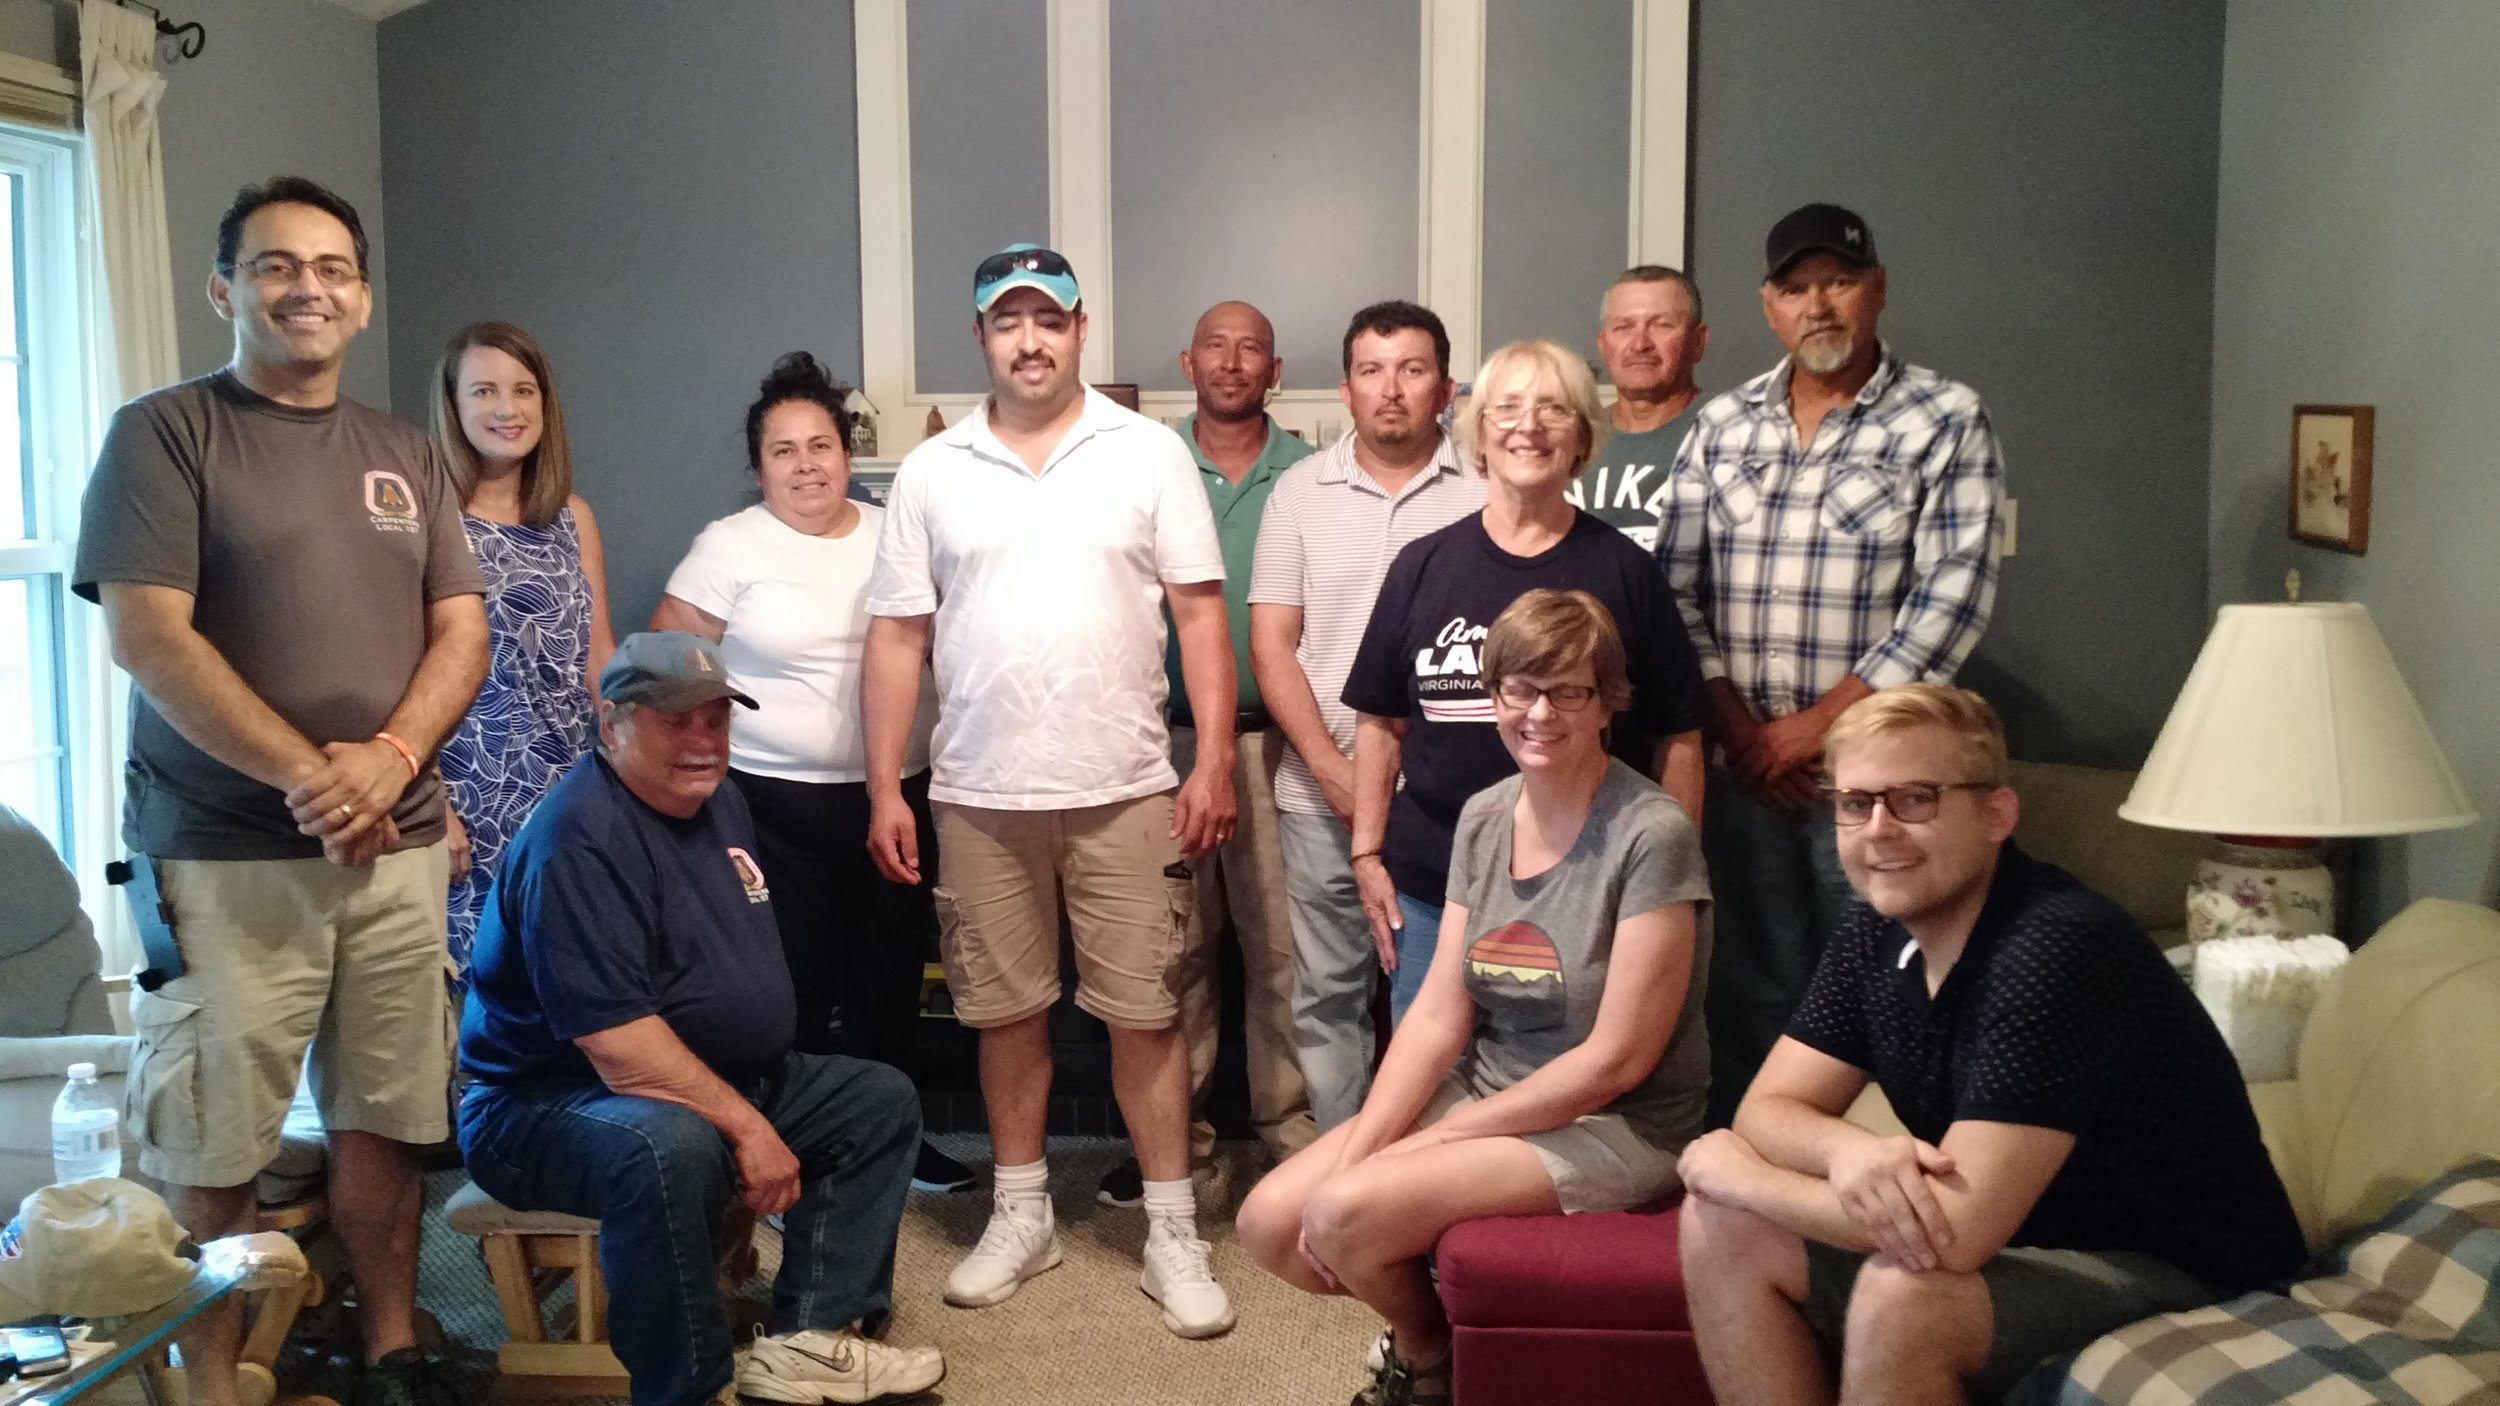 Neri - July canvass - Carpenters - volunteers.jpg